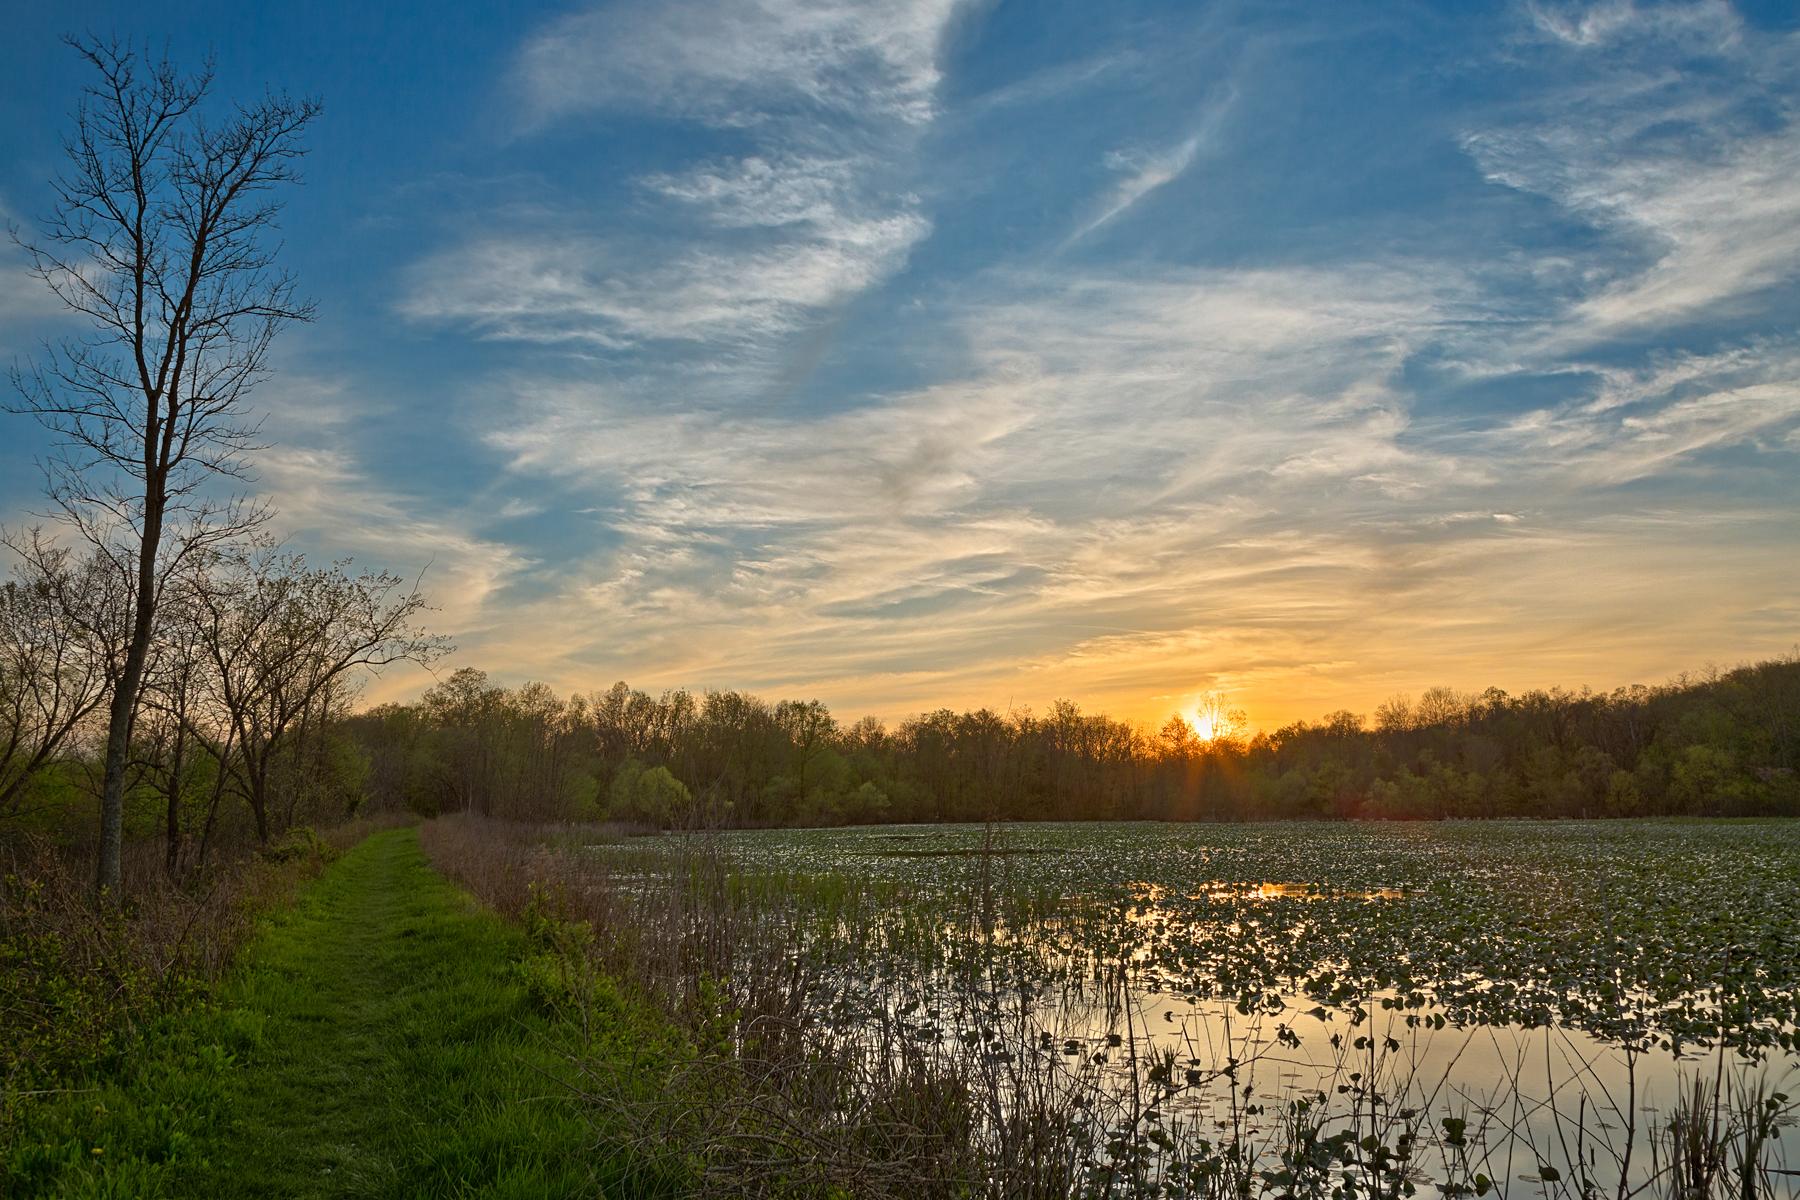 Mckee-beshers sunset marsh - hdr photo